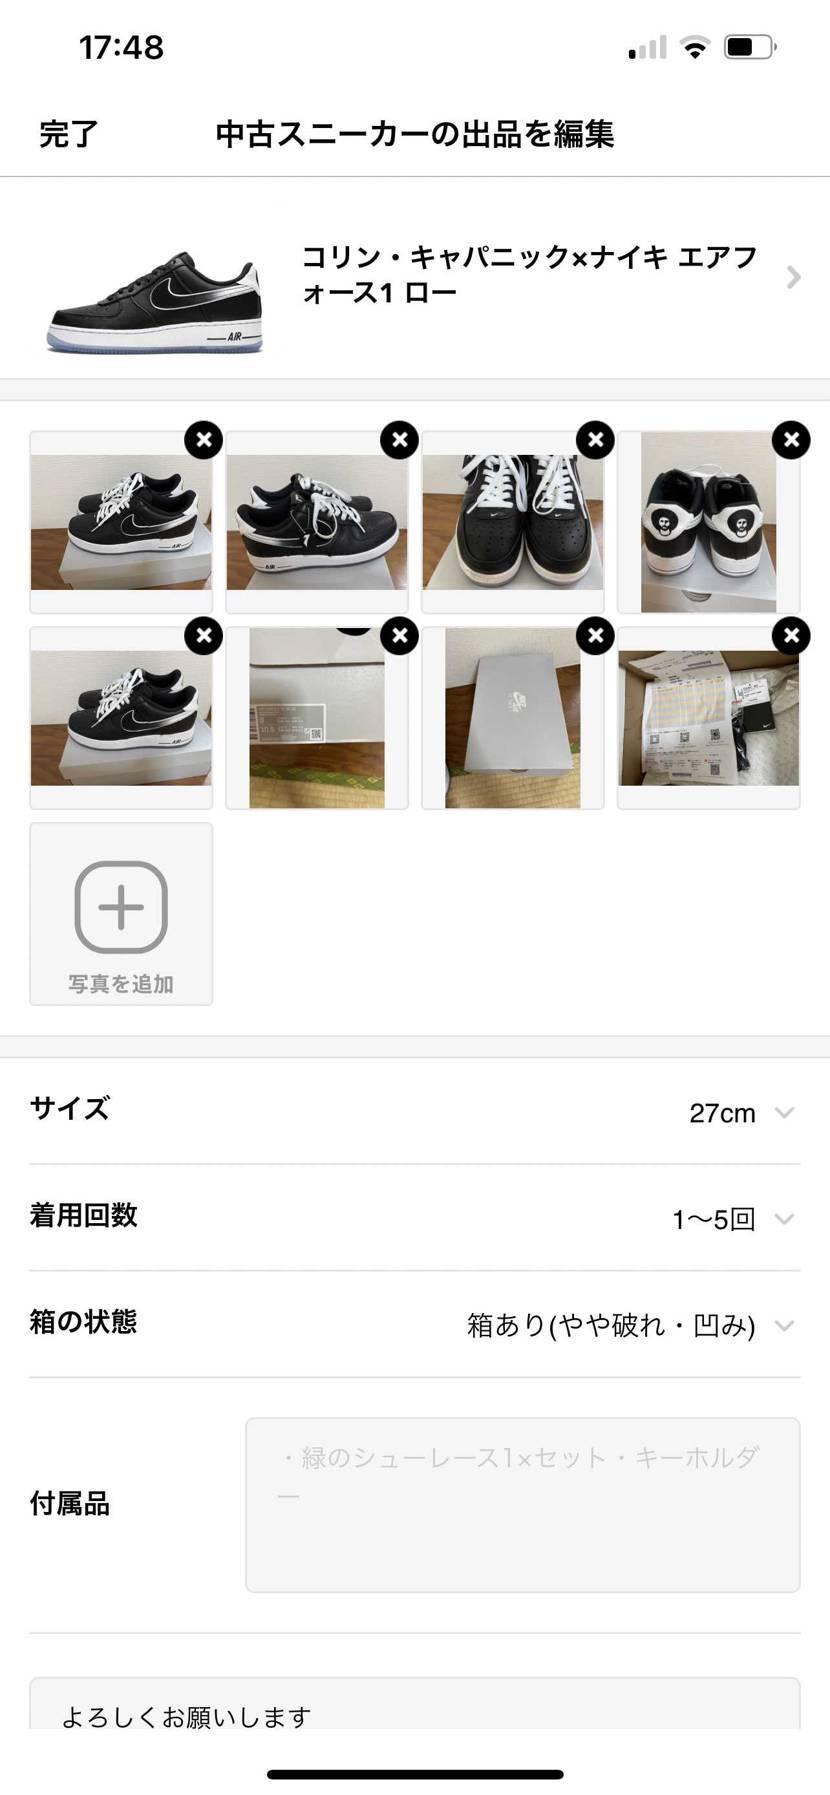 Size 27  10500円 よろしくお願いします